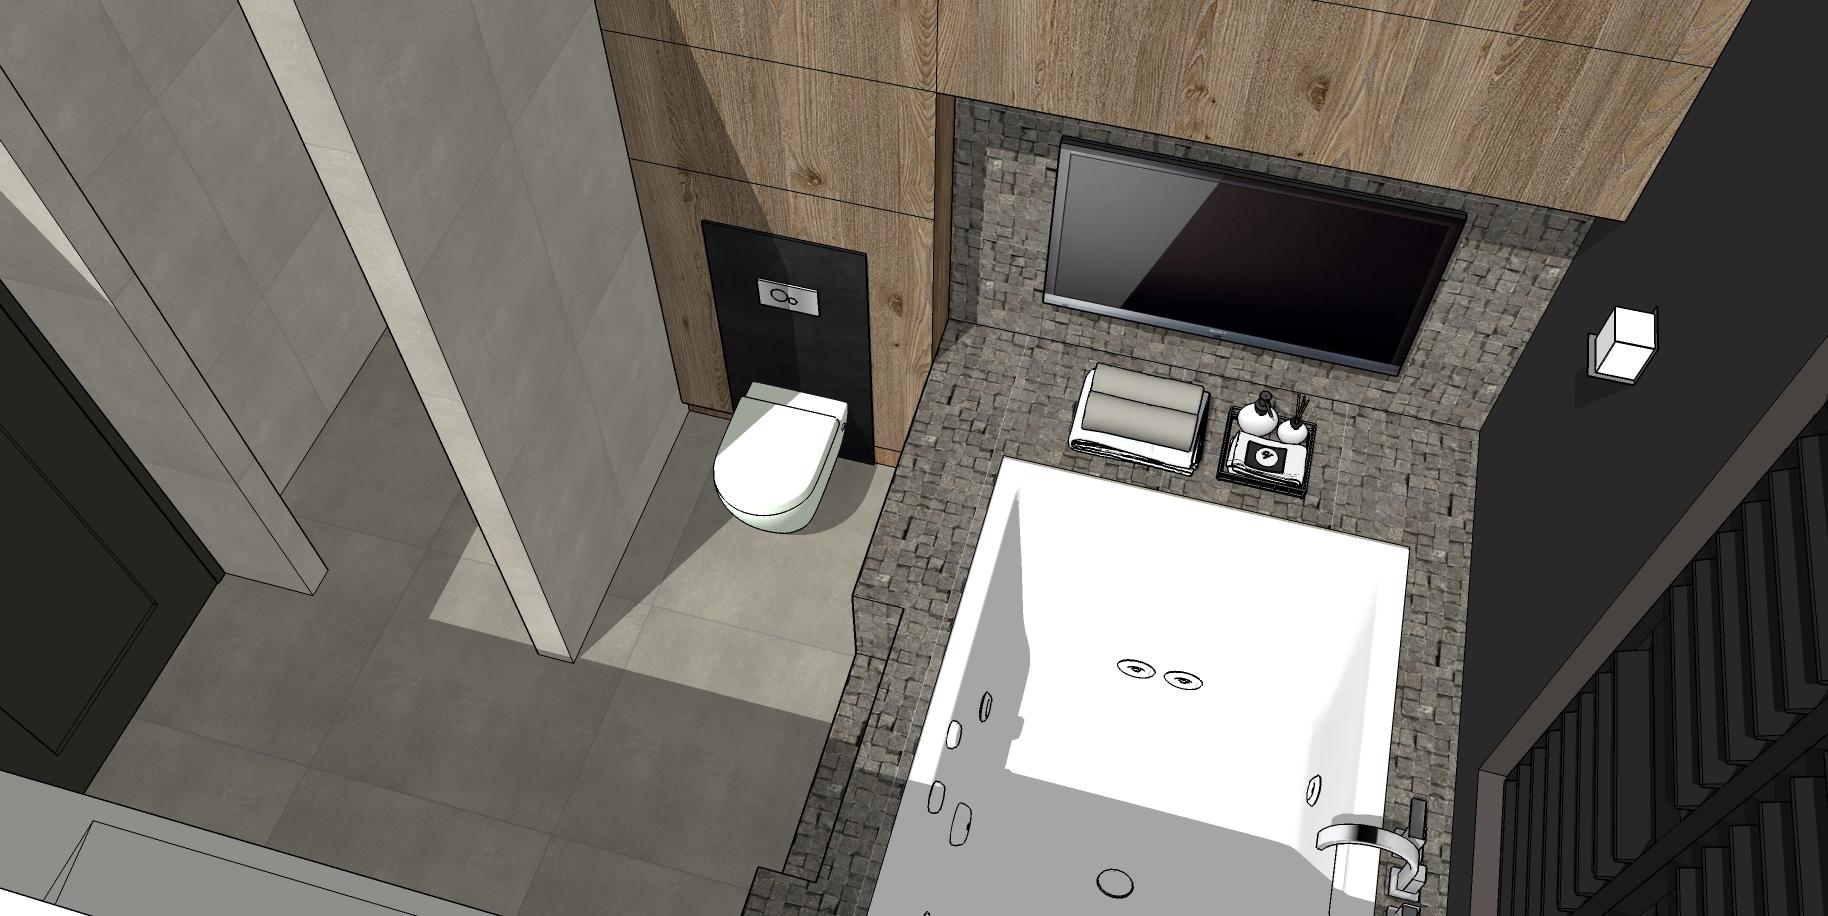 Badkamer Etten Leur : Salas interieur badkamer ettenleur 3 salas interieur